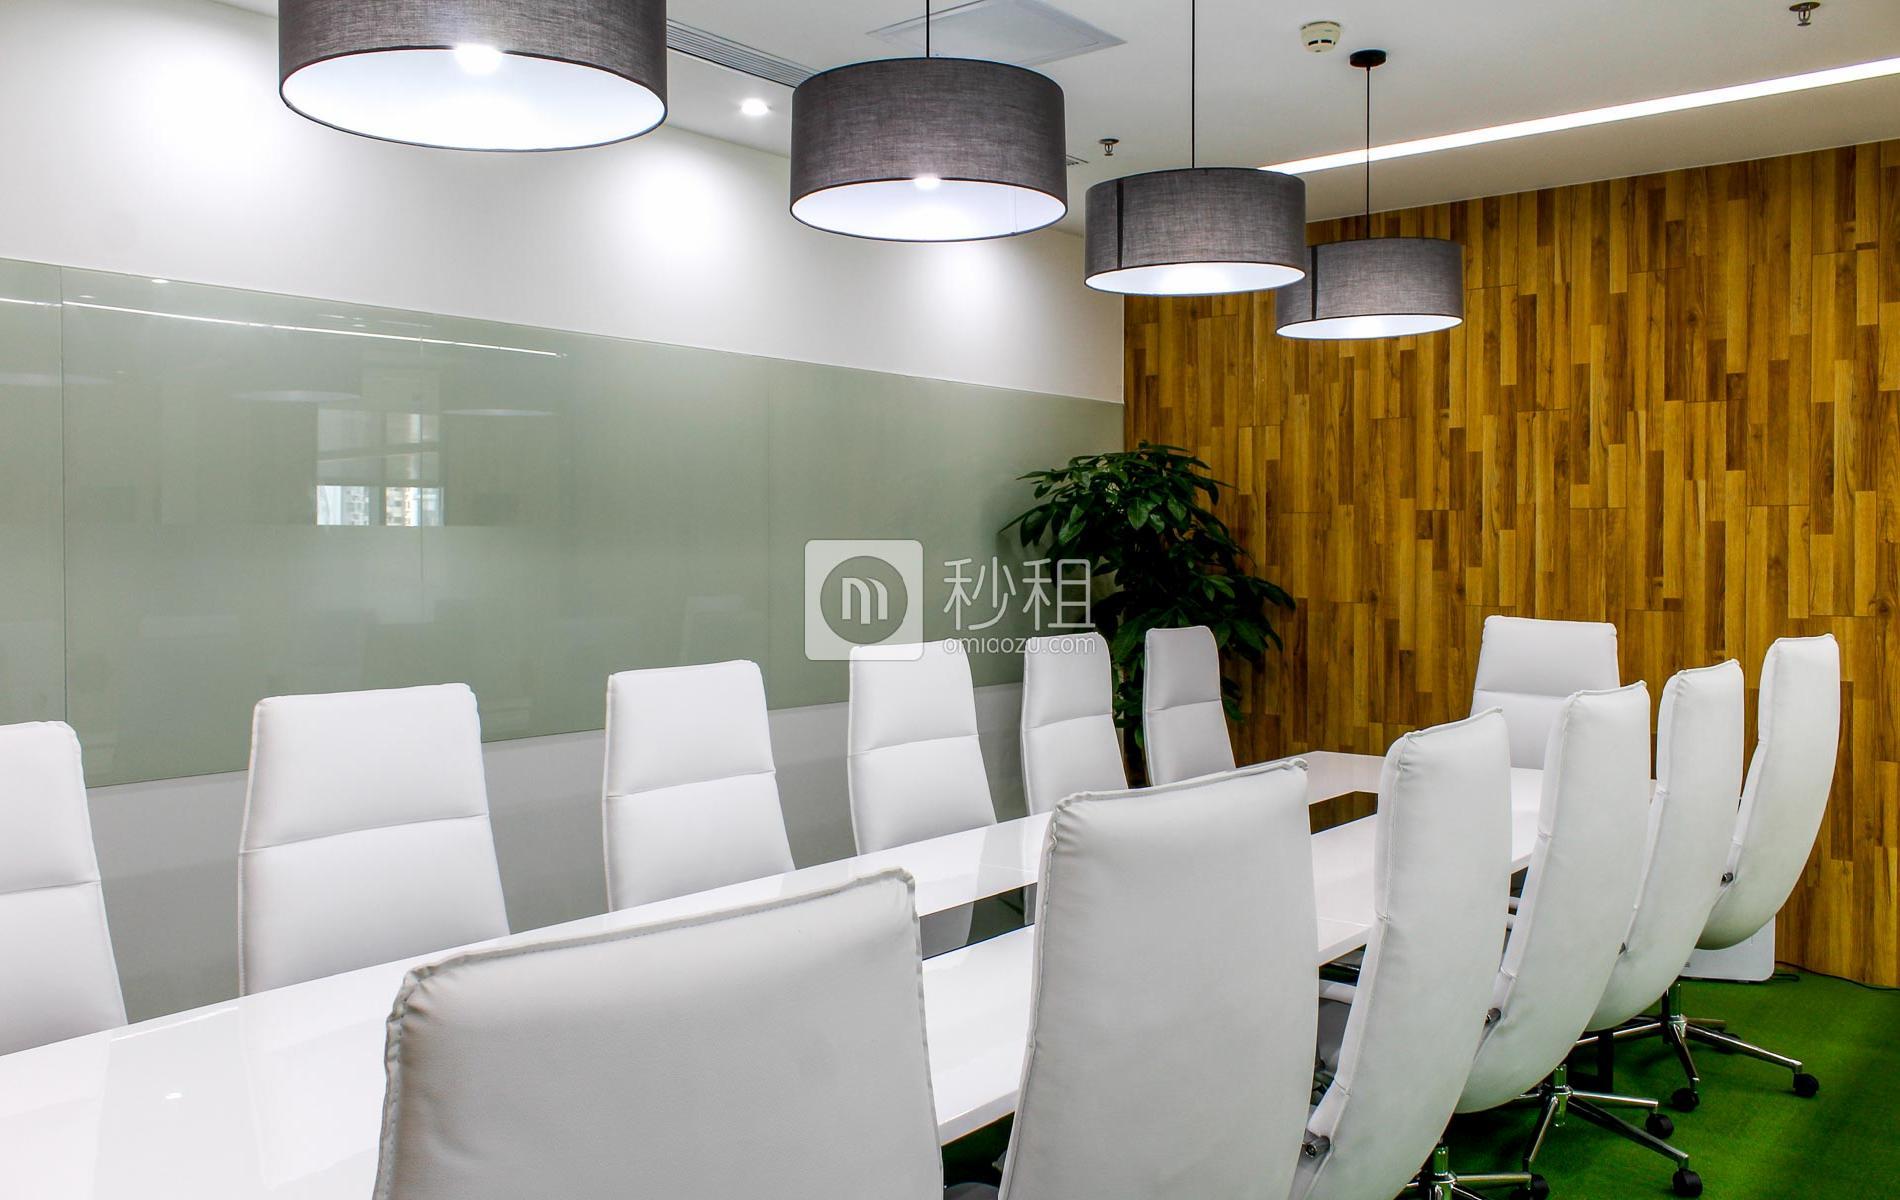 创业投资大厦写字楼出租/招租/租赁,创业投资大厦办公室出租/招租/租赁